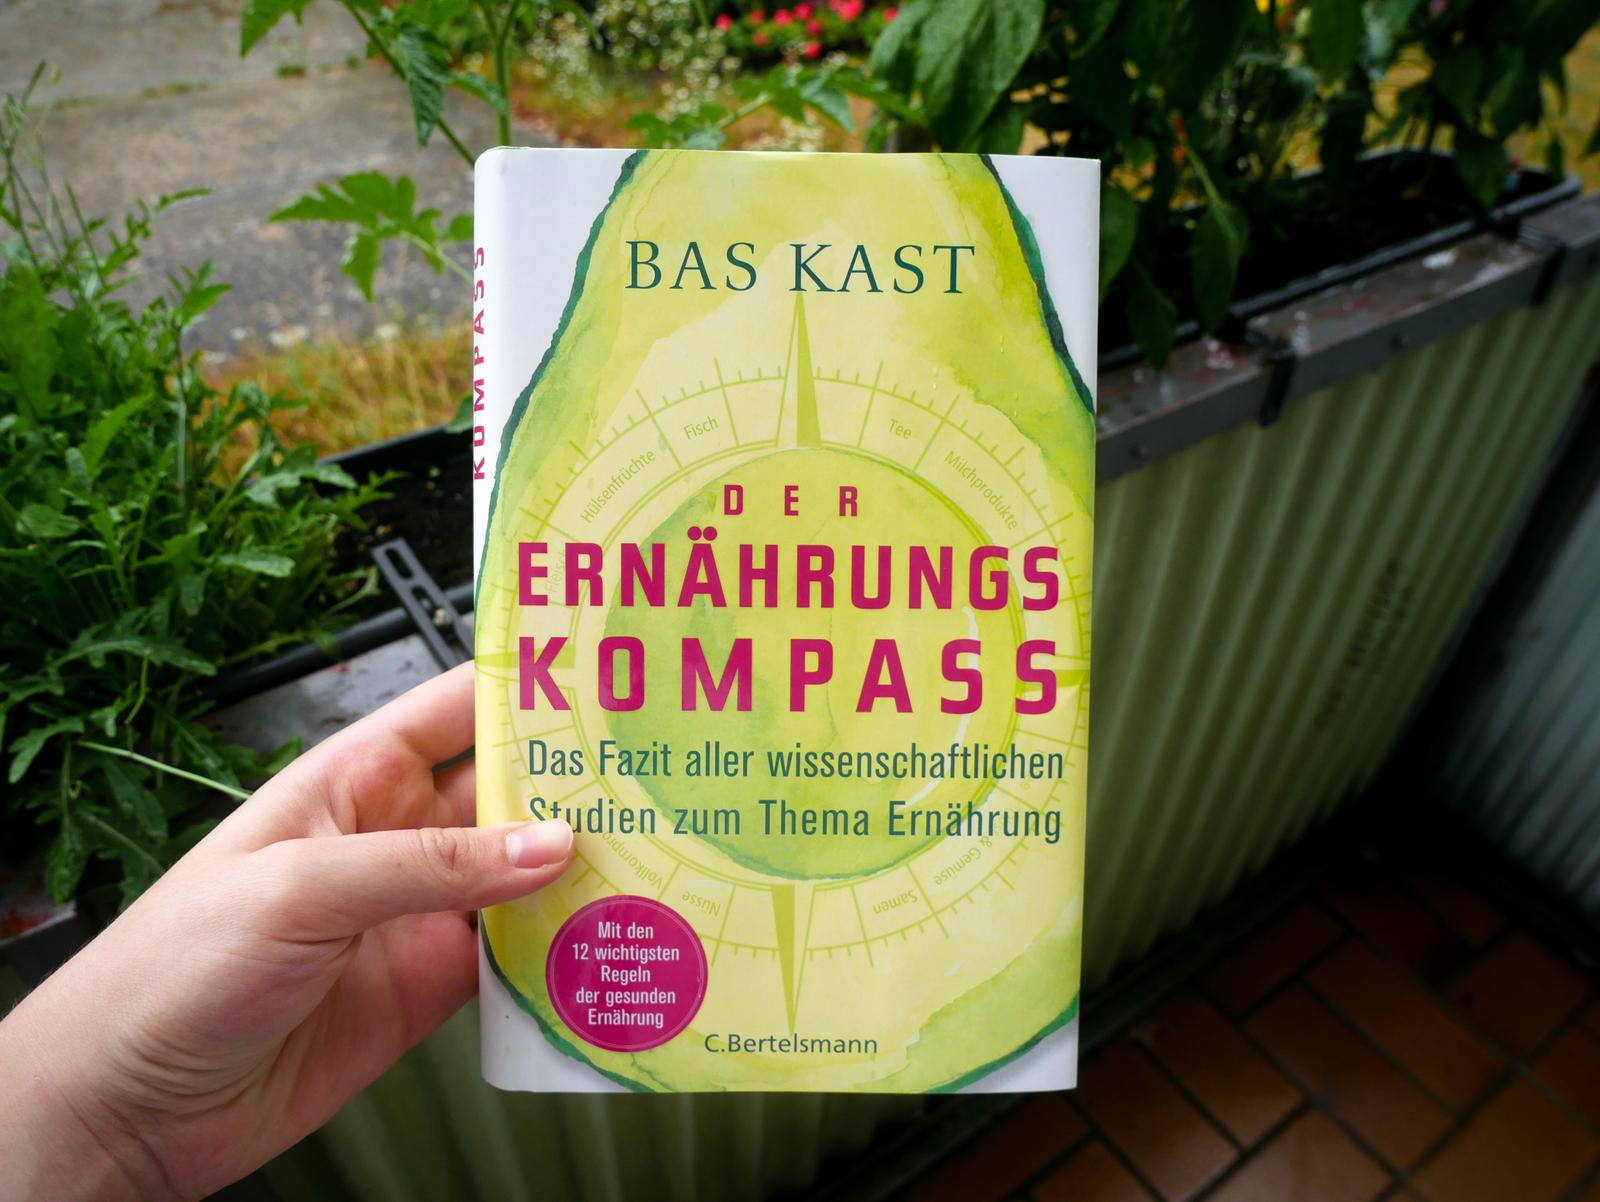 Der Ernährungskompass Von Bas Kast Meine Ernährung Buch Wort